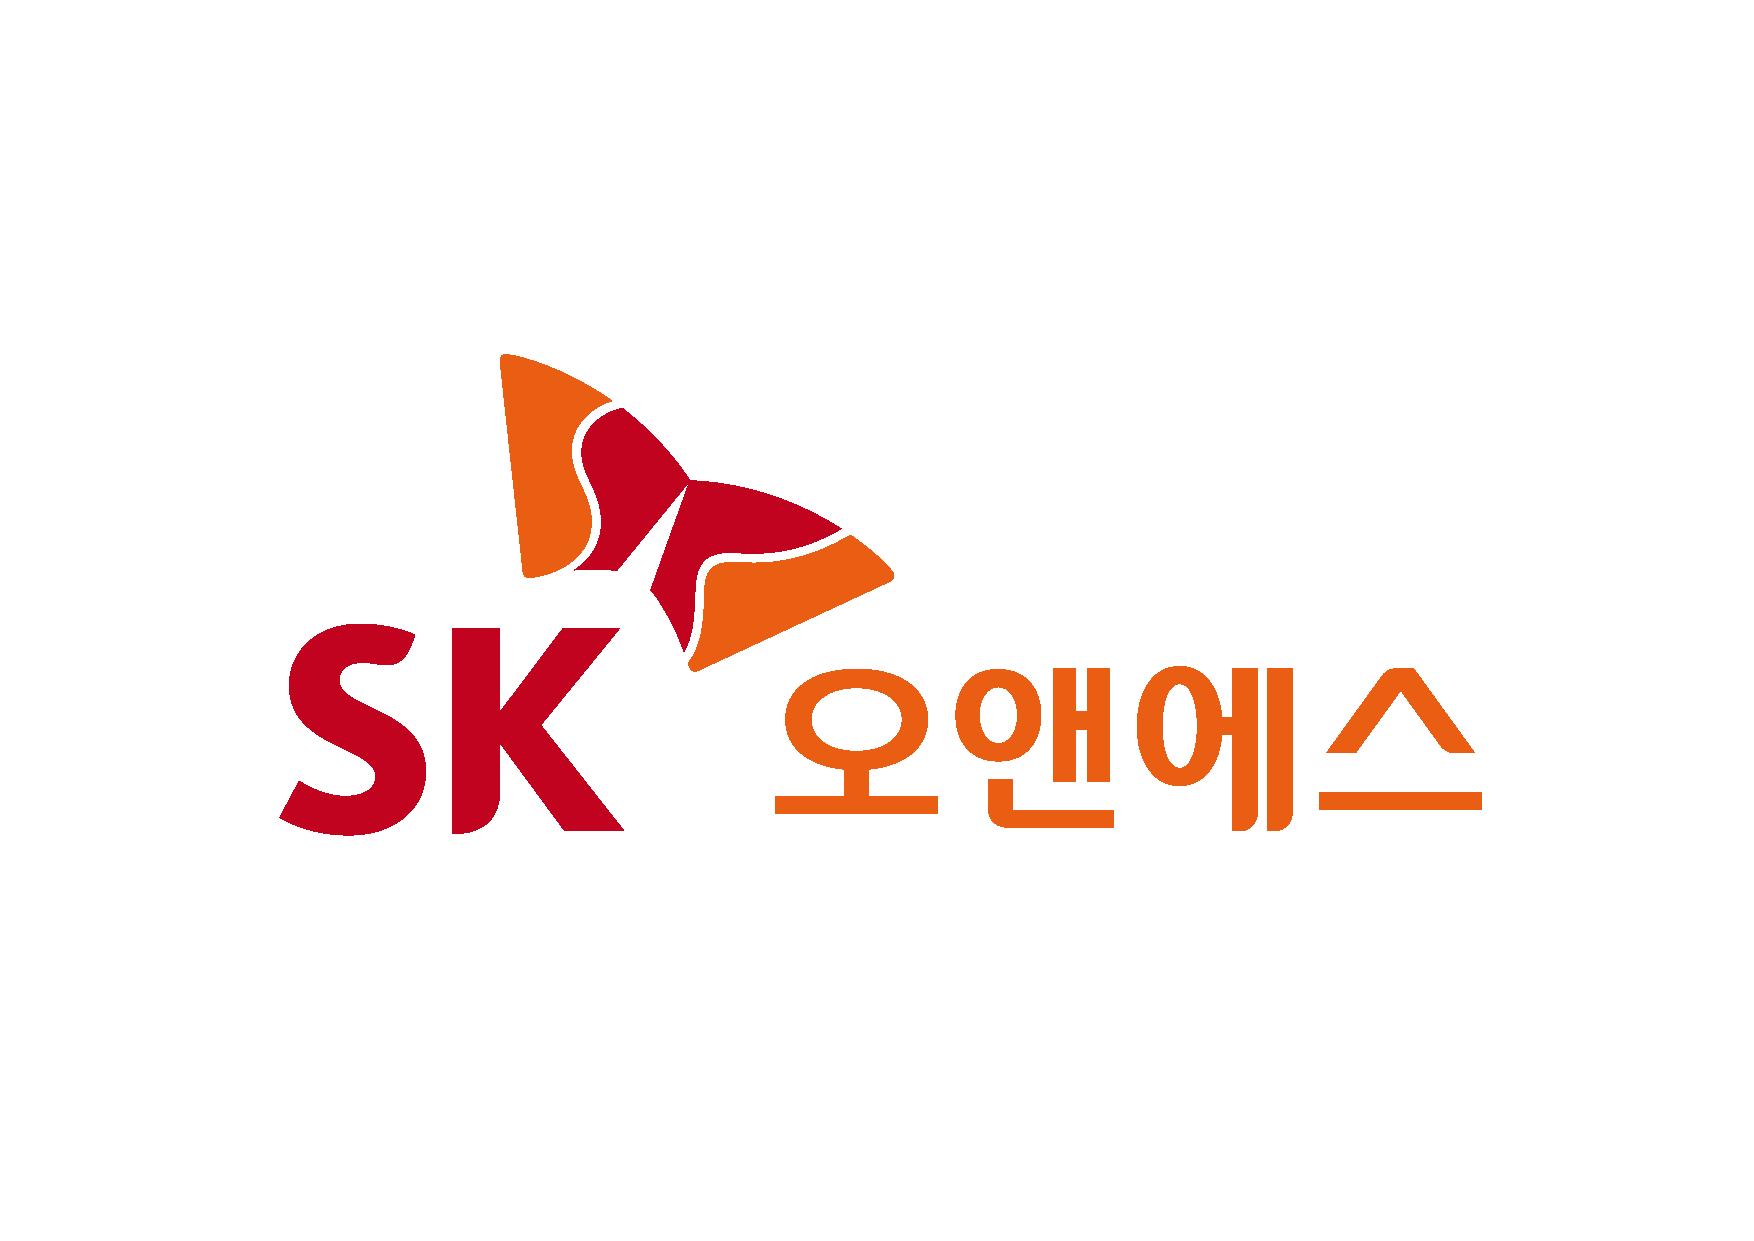 SK의 계열사 에스케이오앤에스(주)의 로고